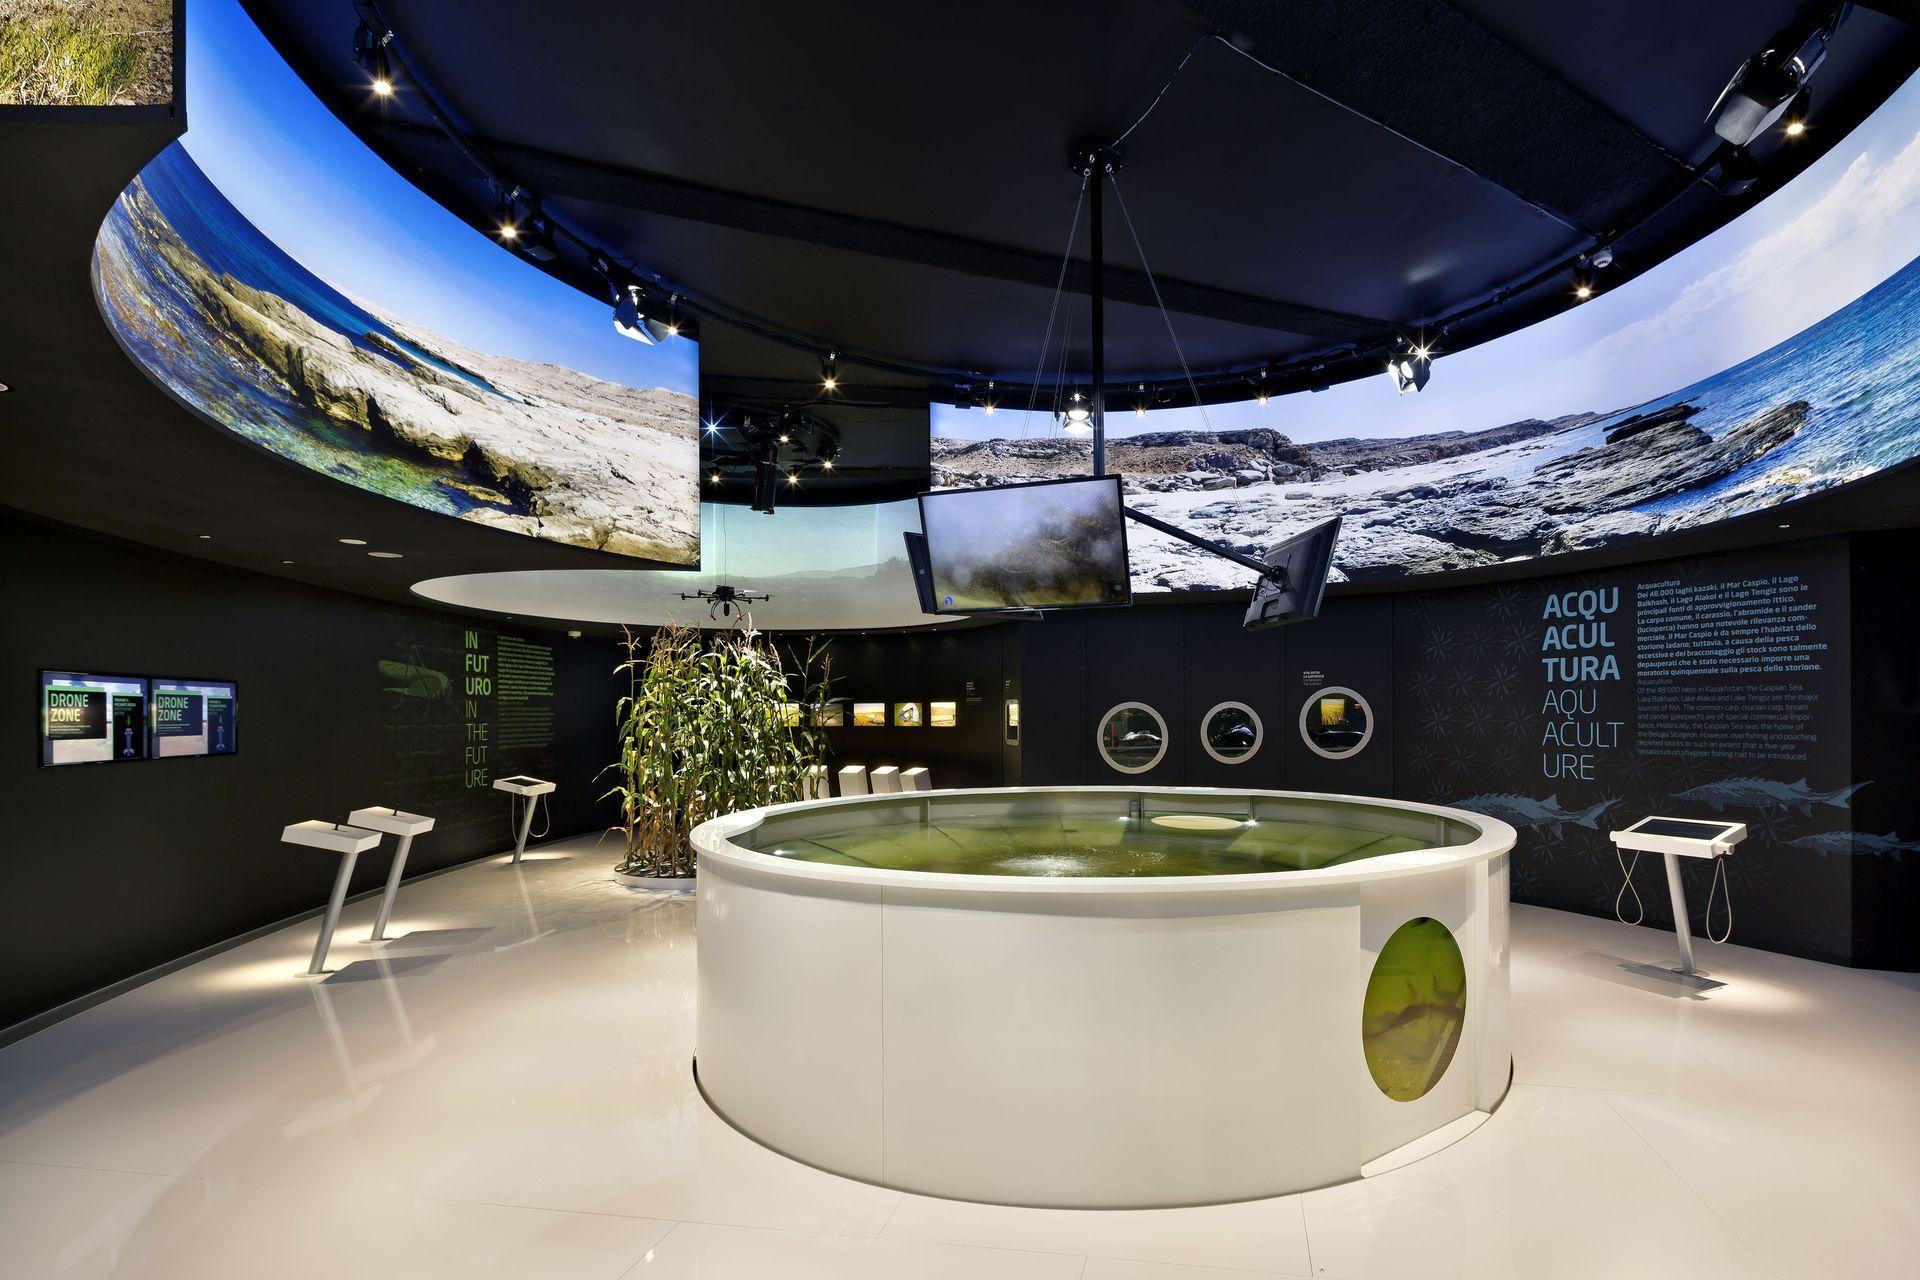 Referenzen Exhibition Design Booth Design Design Museum